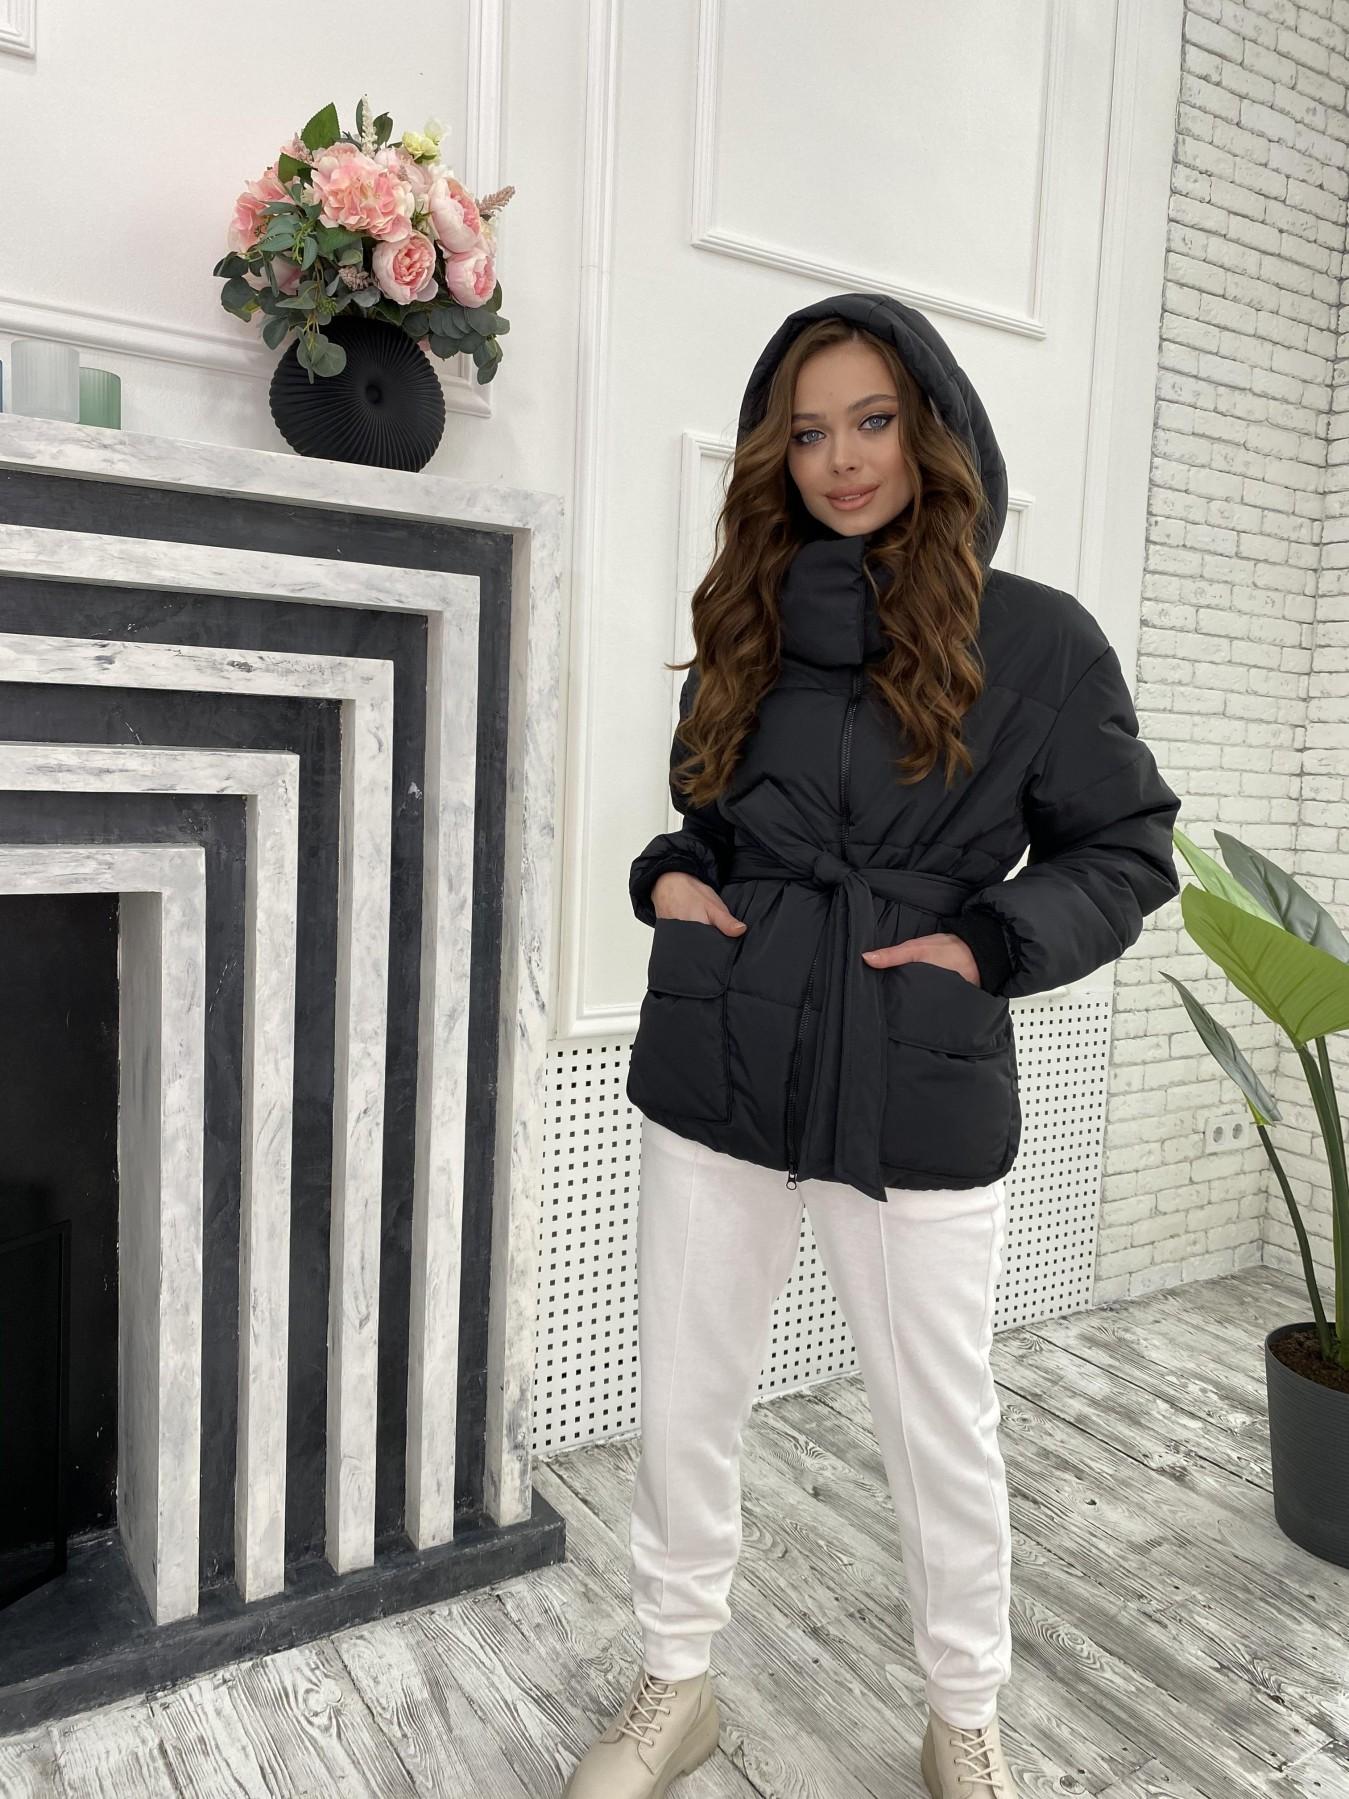 Док куртка из  плащевки Ammy 10822 АРТ. 47299 Цвет: Черный - фото 3, интернет магазин tm-modus.ru